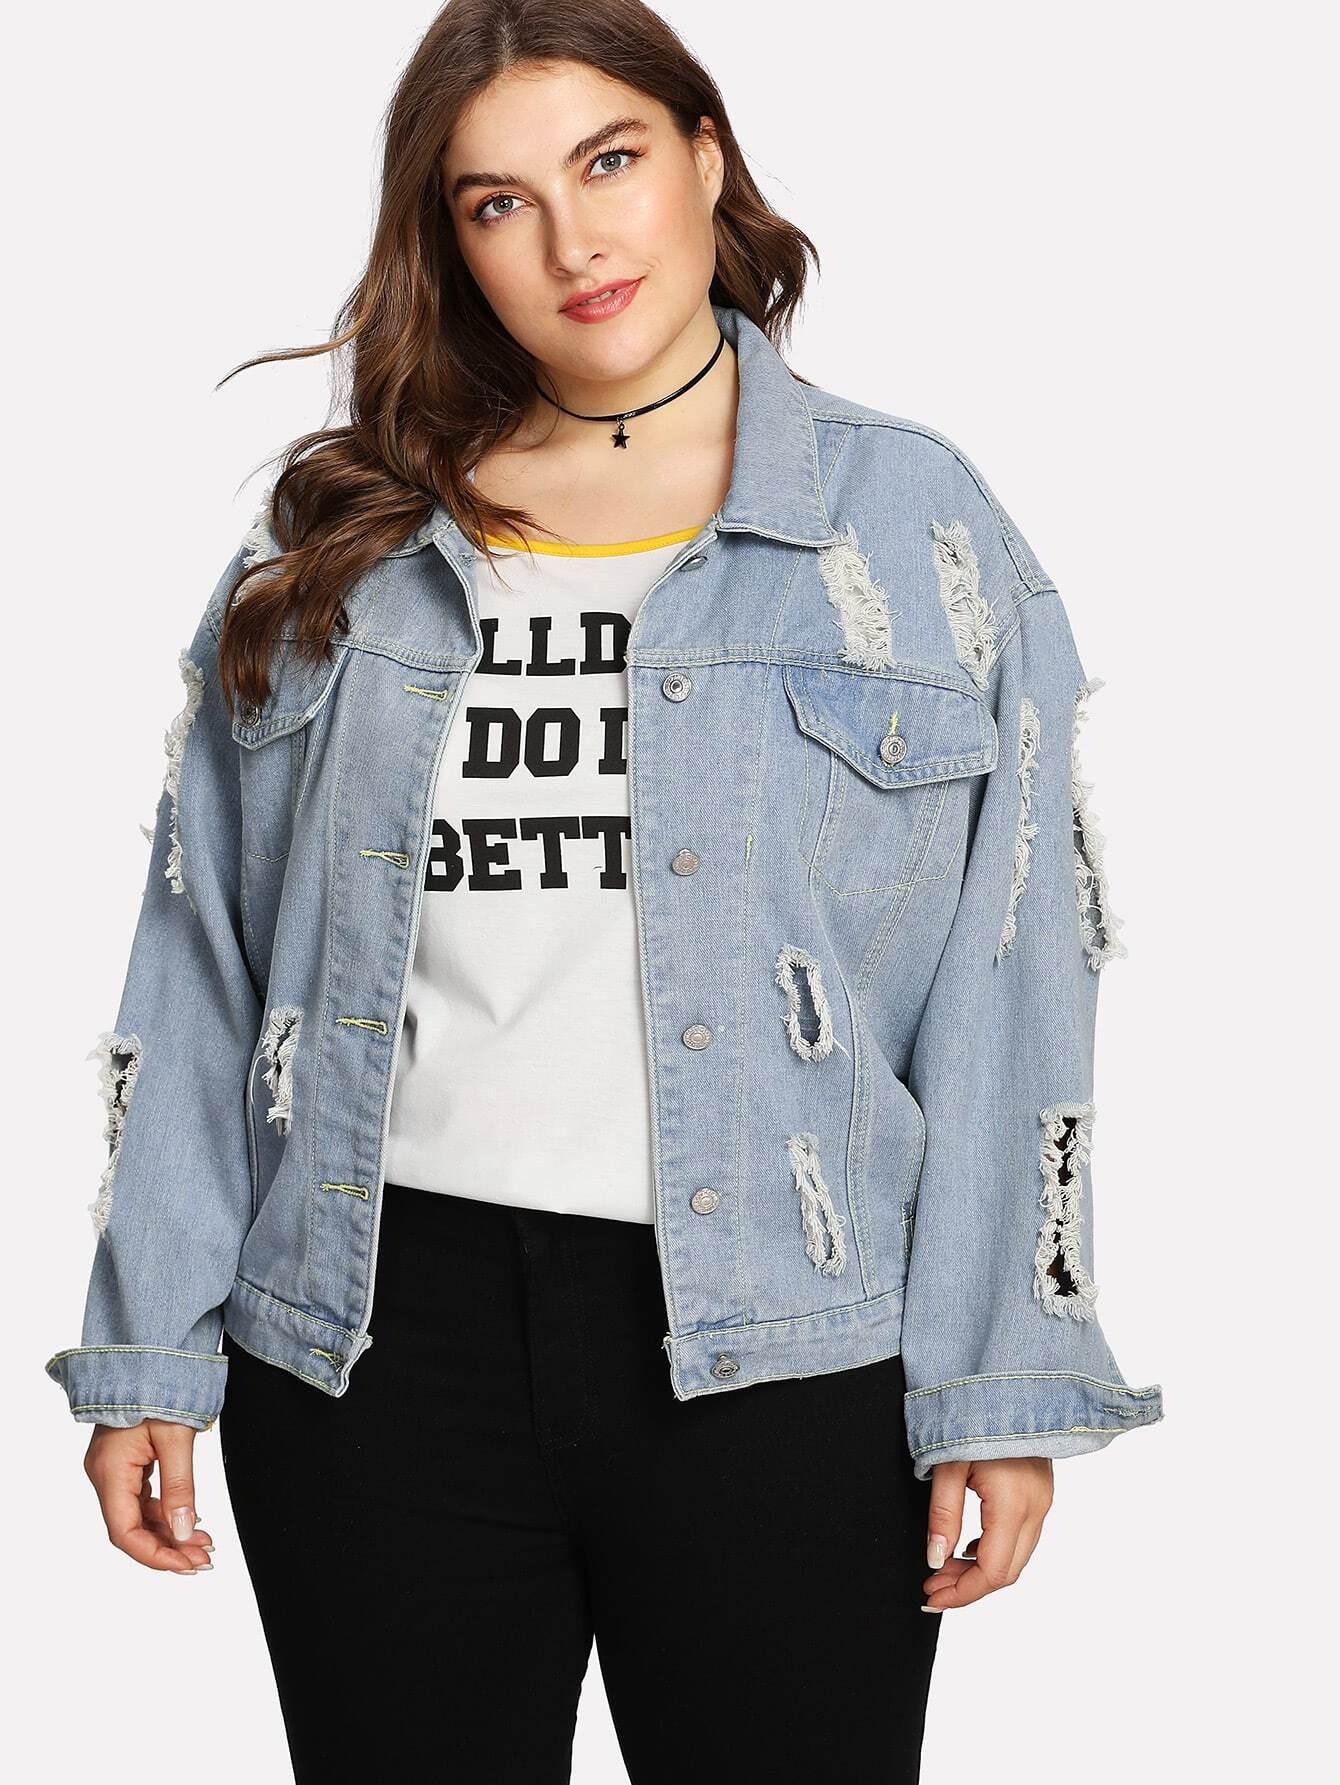 Button Up Ripped Denim Jacket long sleeve button up denim top denim